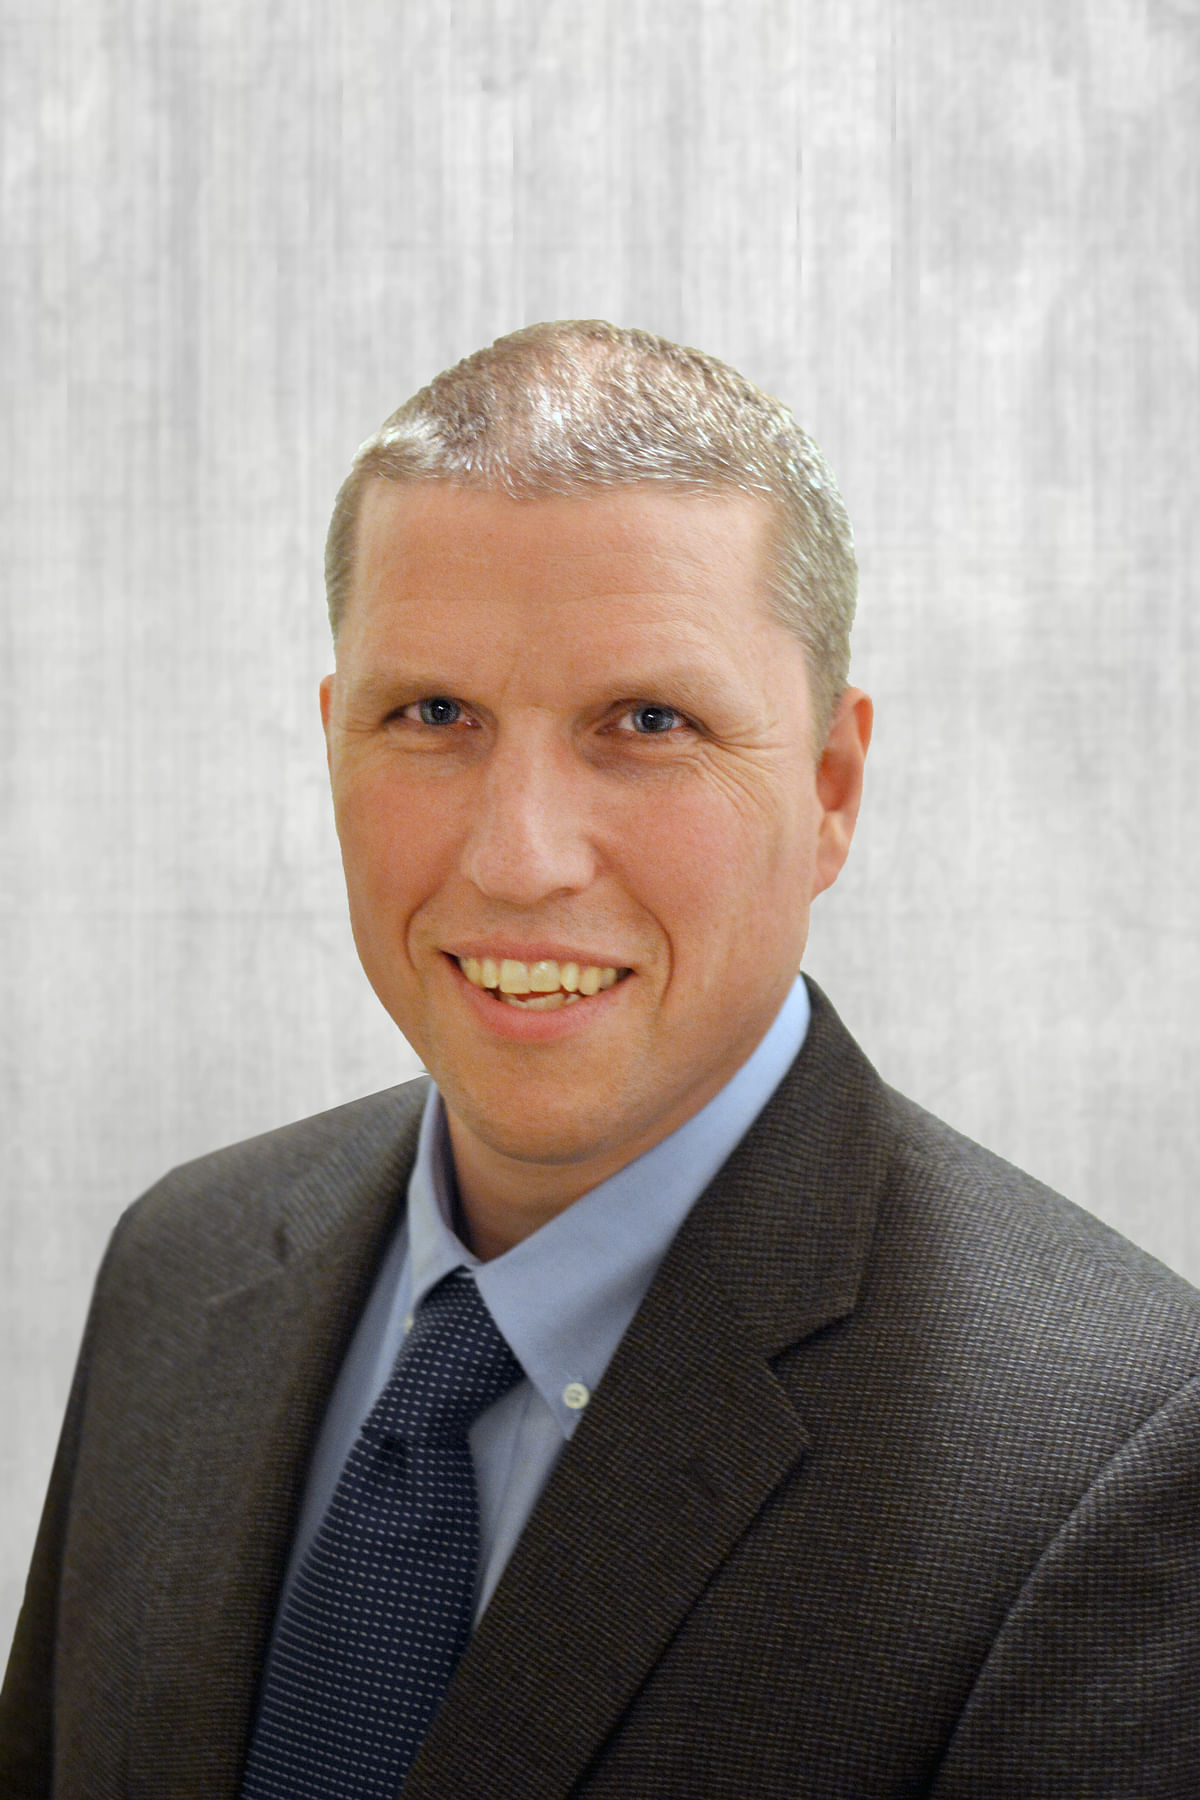 Gregg Herrin